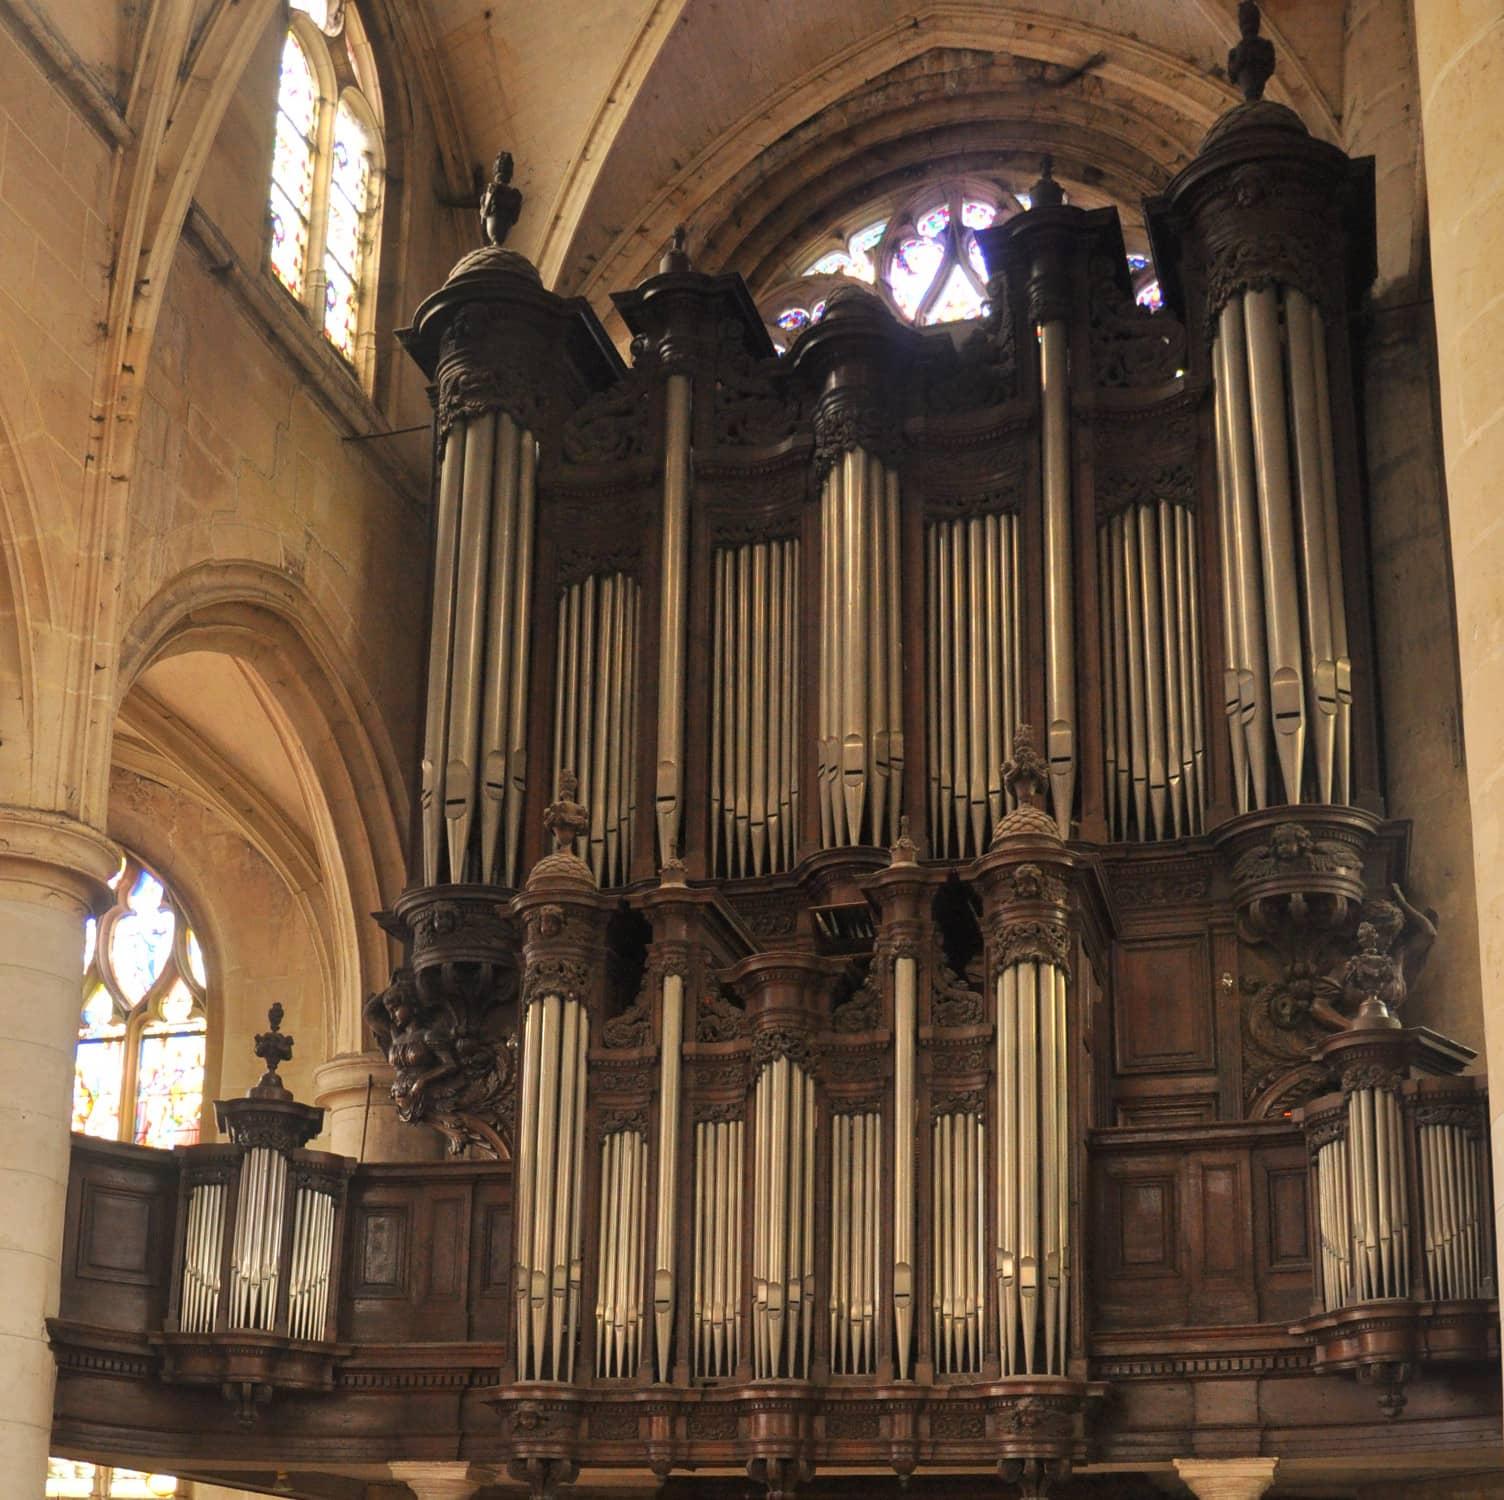 Buffets de l'orgue de l'église Saint-Patrice à Rouen. Vue d'ensemble.